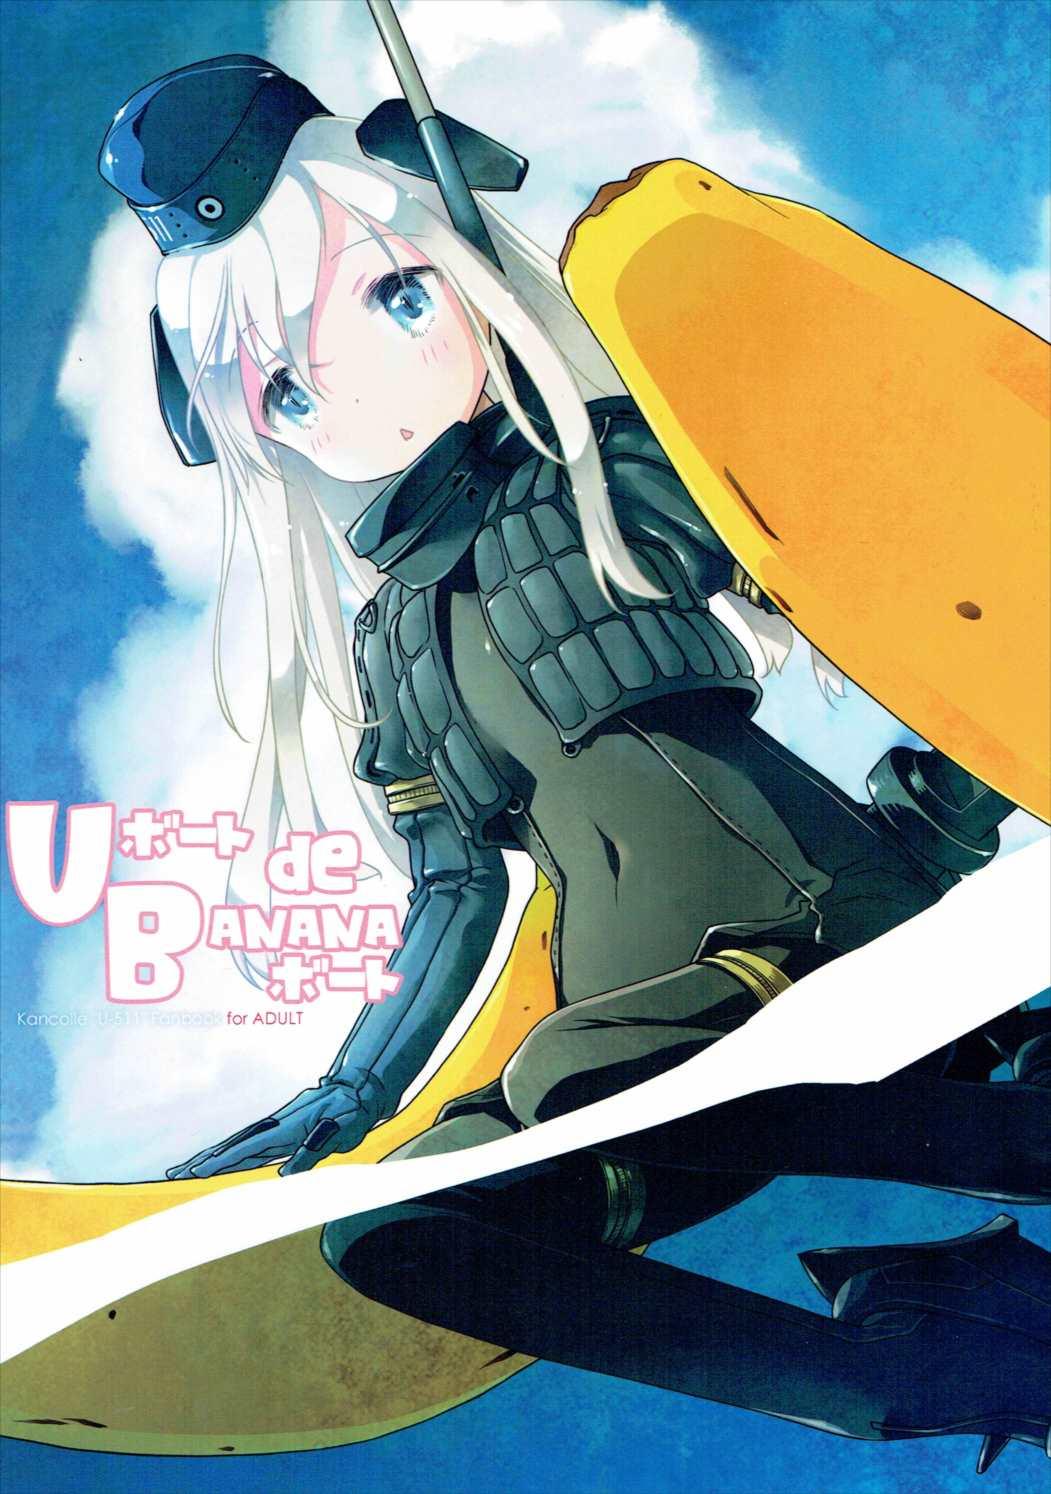 Hình ảnh  trong bài viết U-boat de BANANA Boat